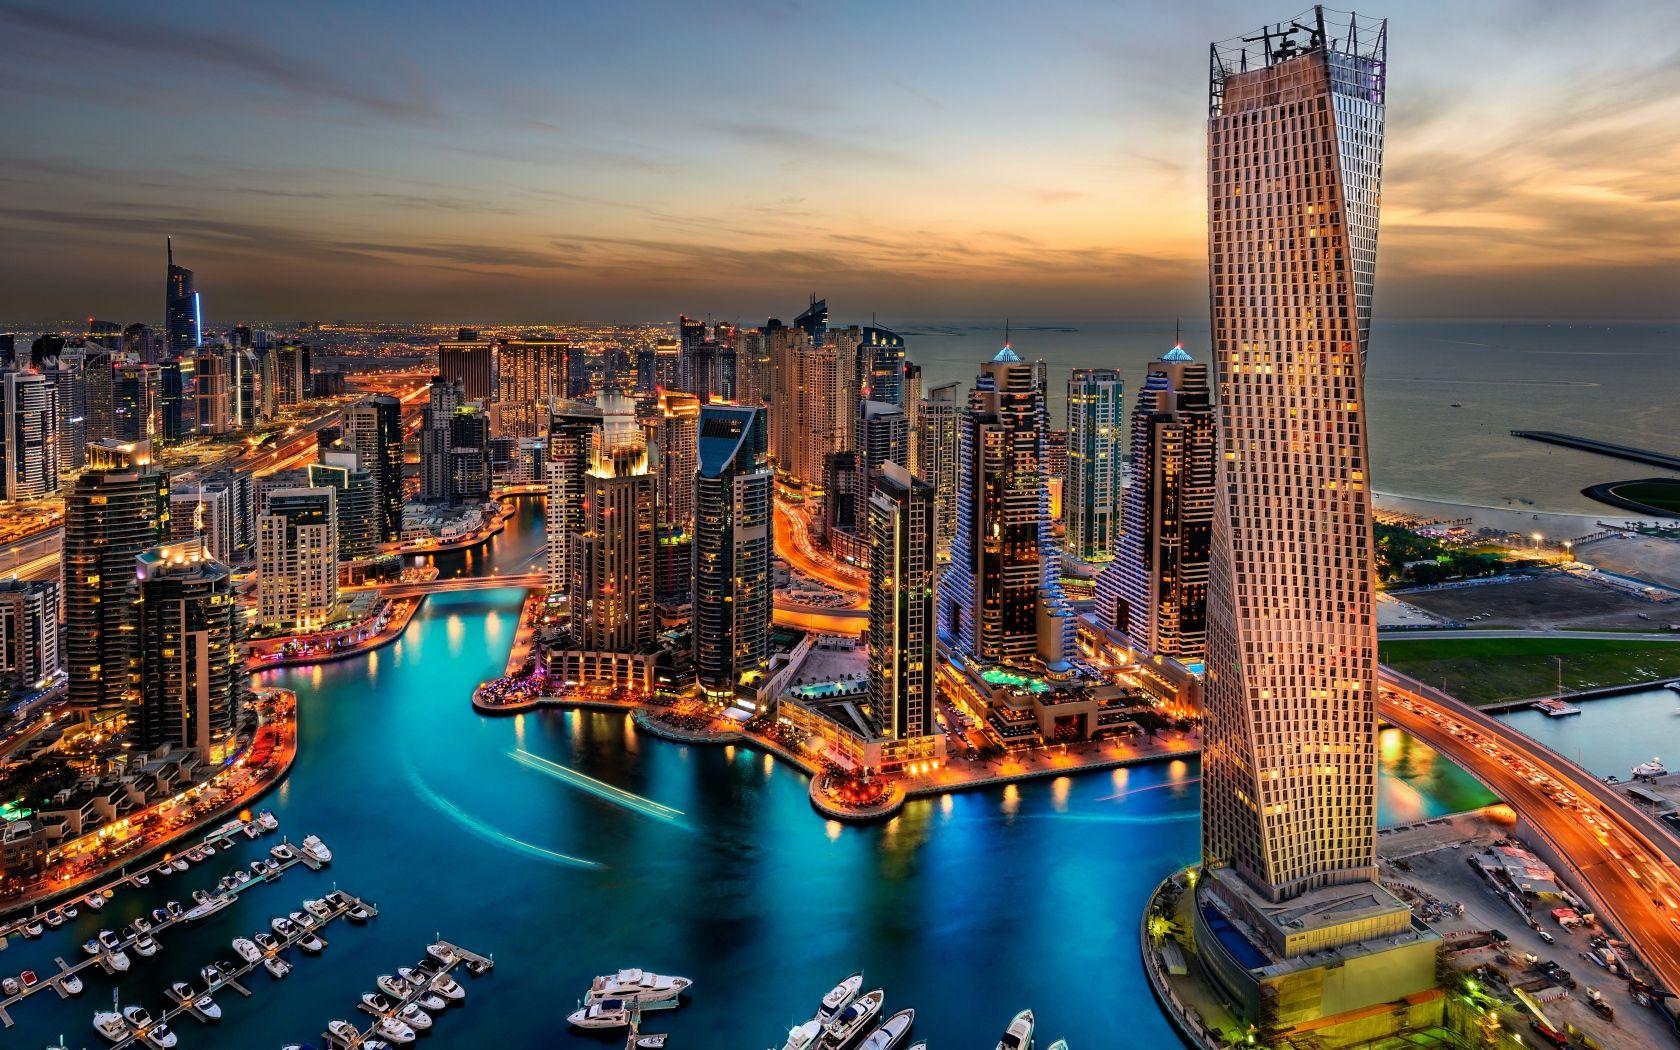 Dubai Lifestyle Dubai Vacation Dubai City Dubai Holidays